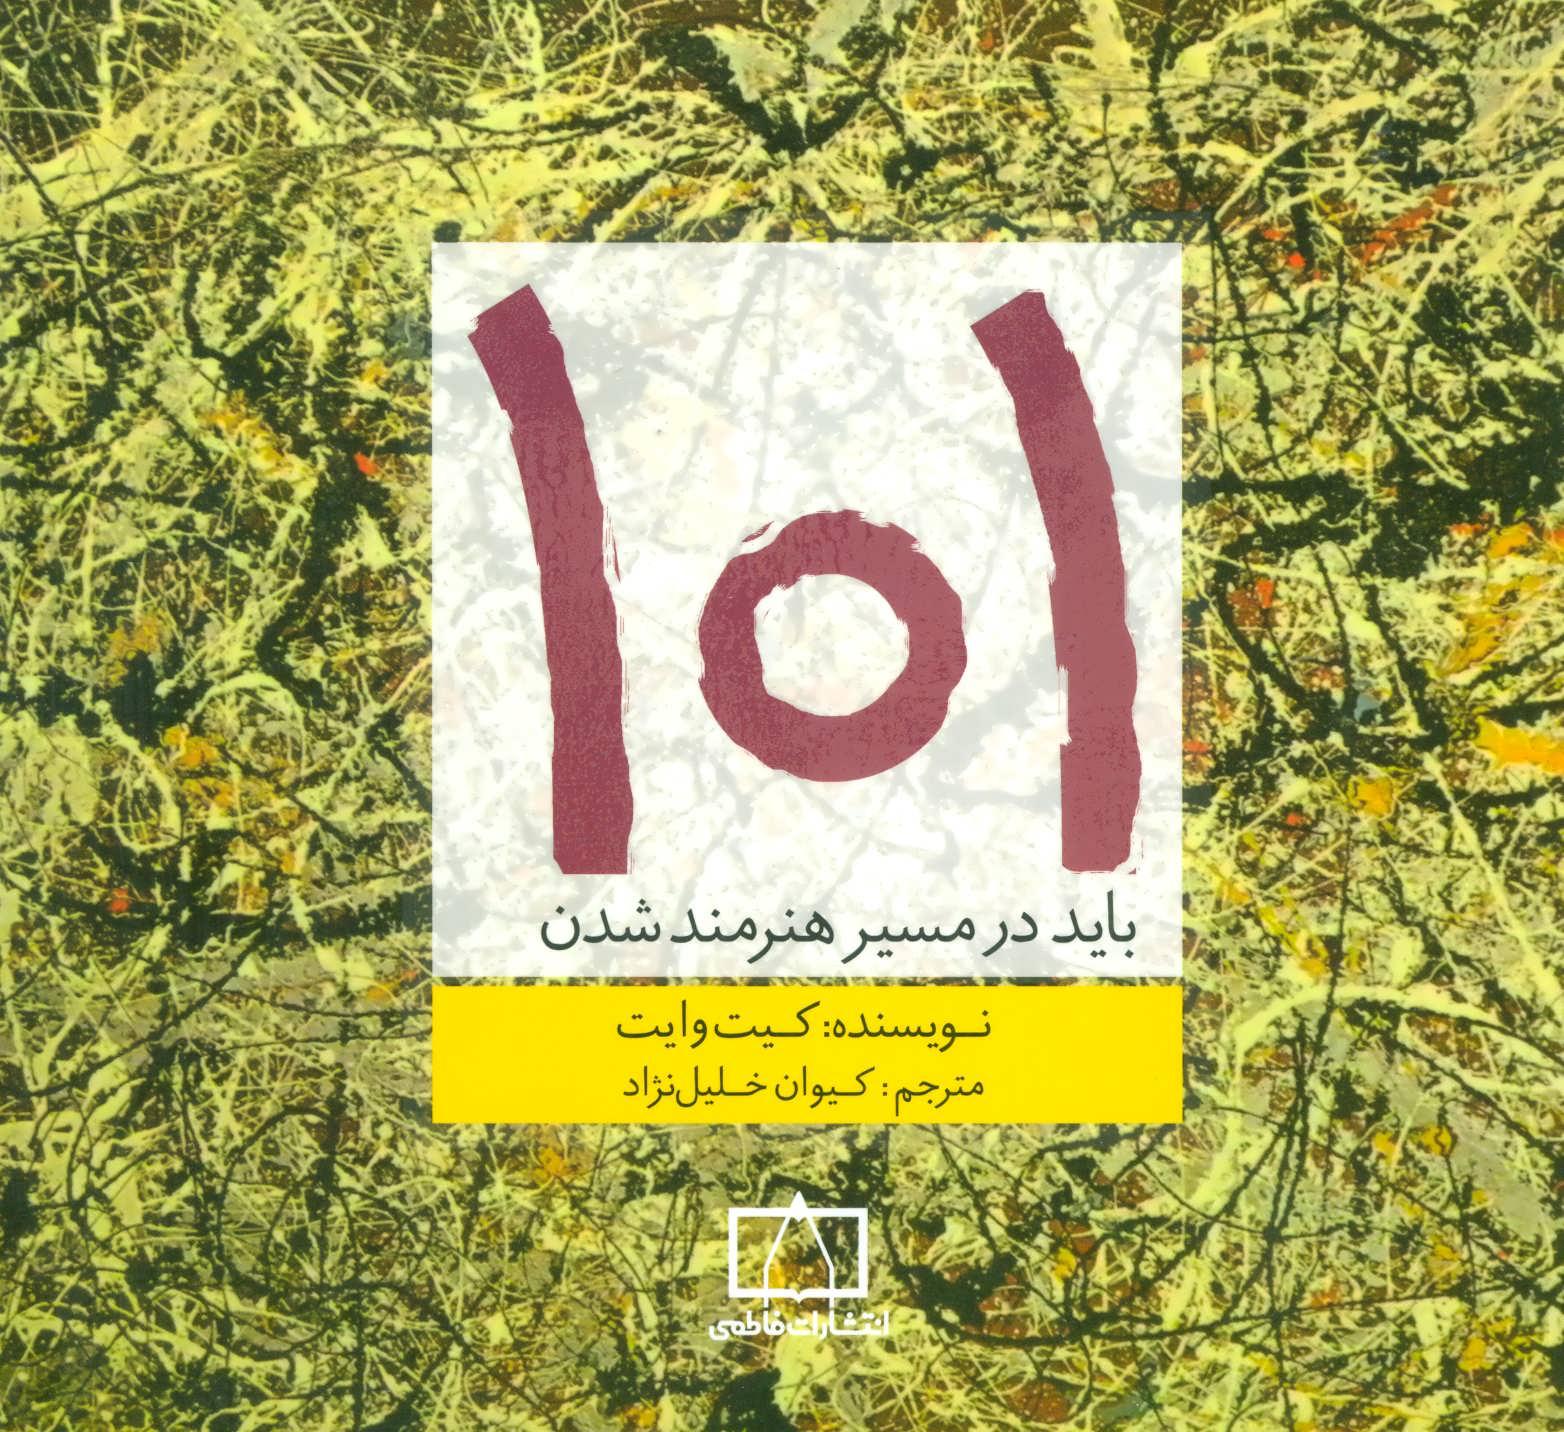 کتاب ۱۰۱ باید در مسیر هنرمند شدن